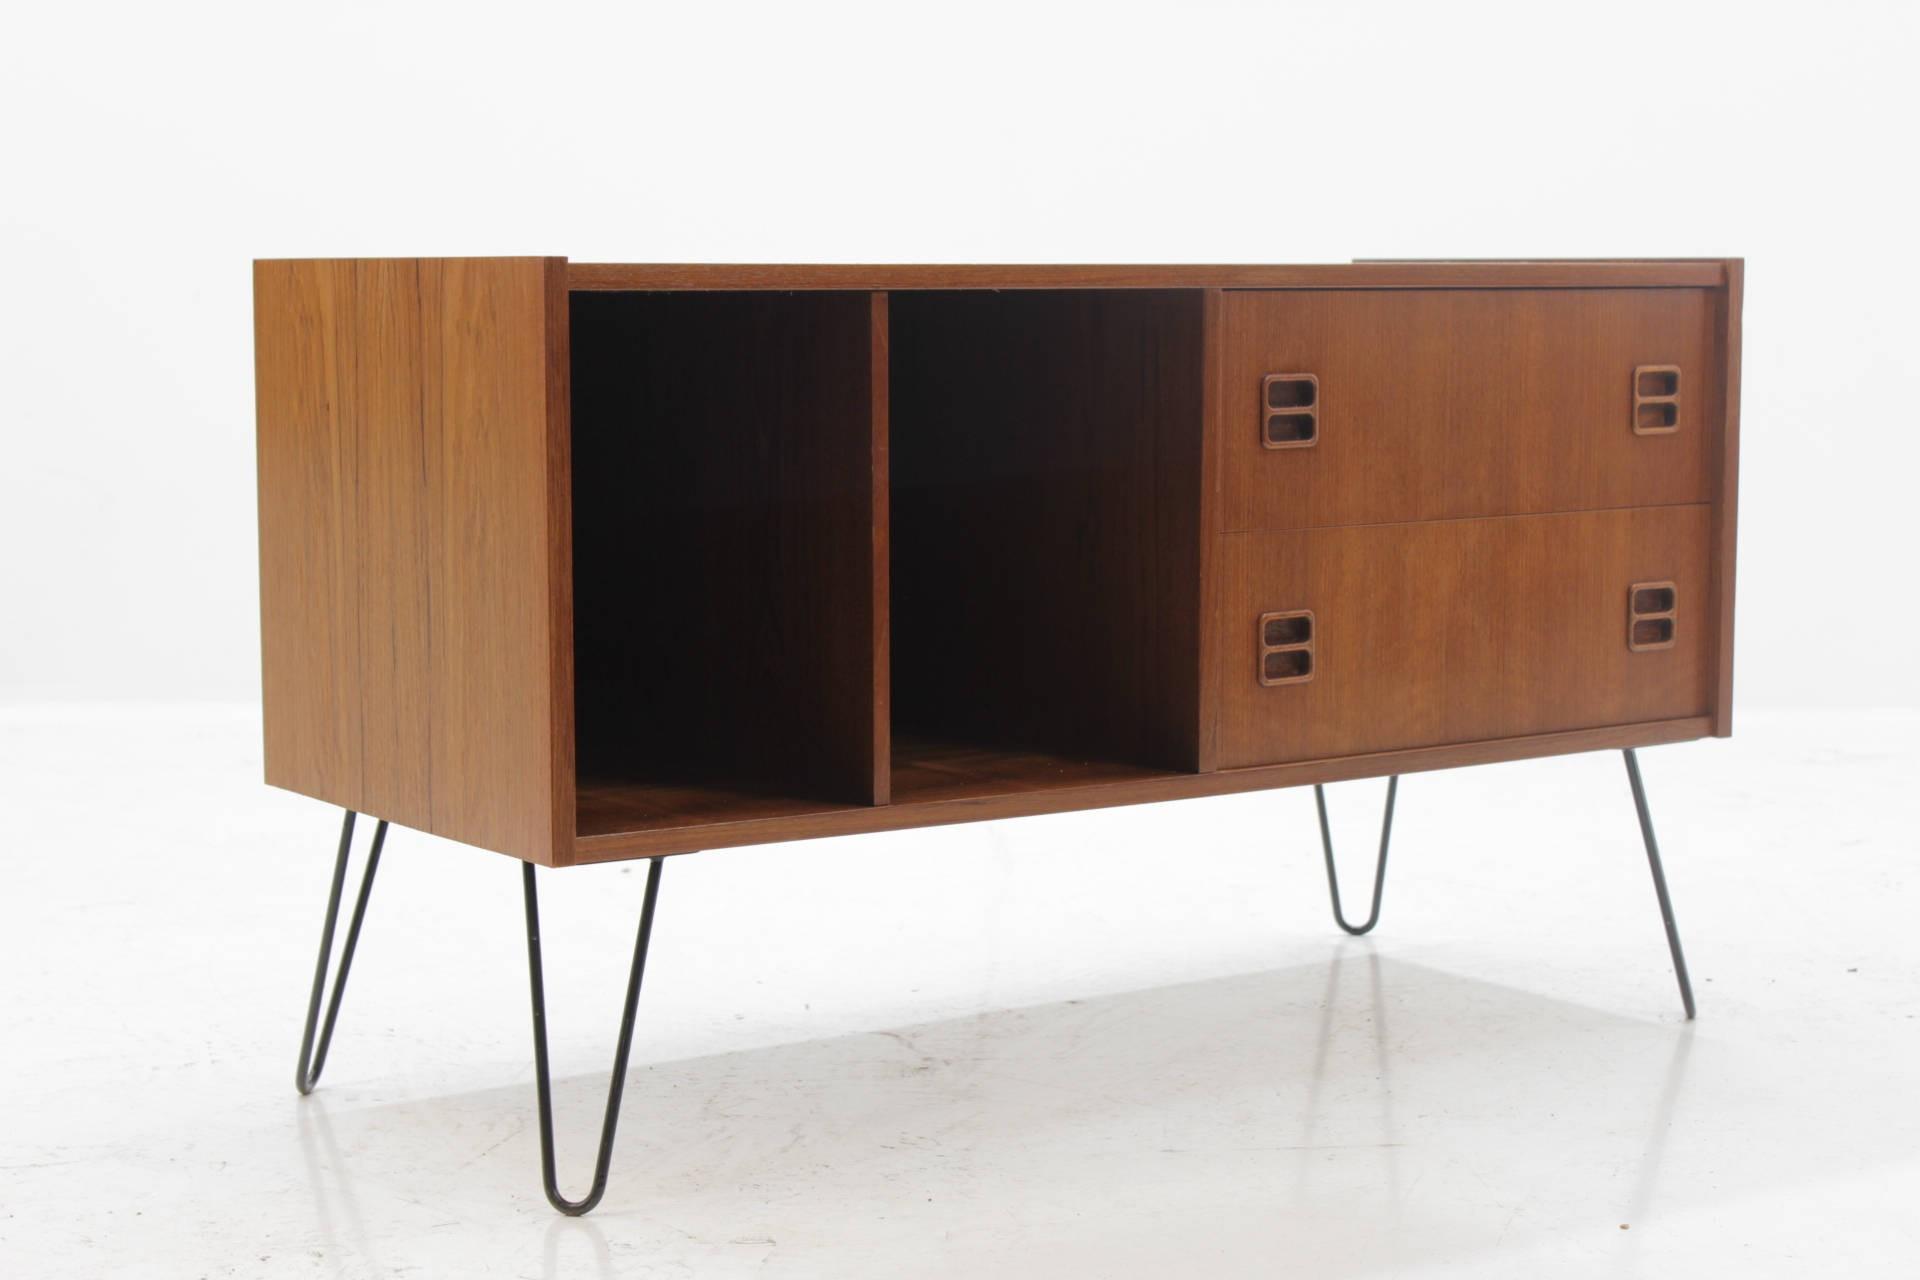 Vintage Danish Teak Tv Stand Cabinet 1960s Design Market # Meuble Tv Designer